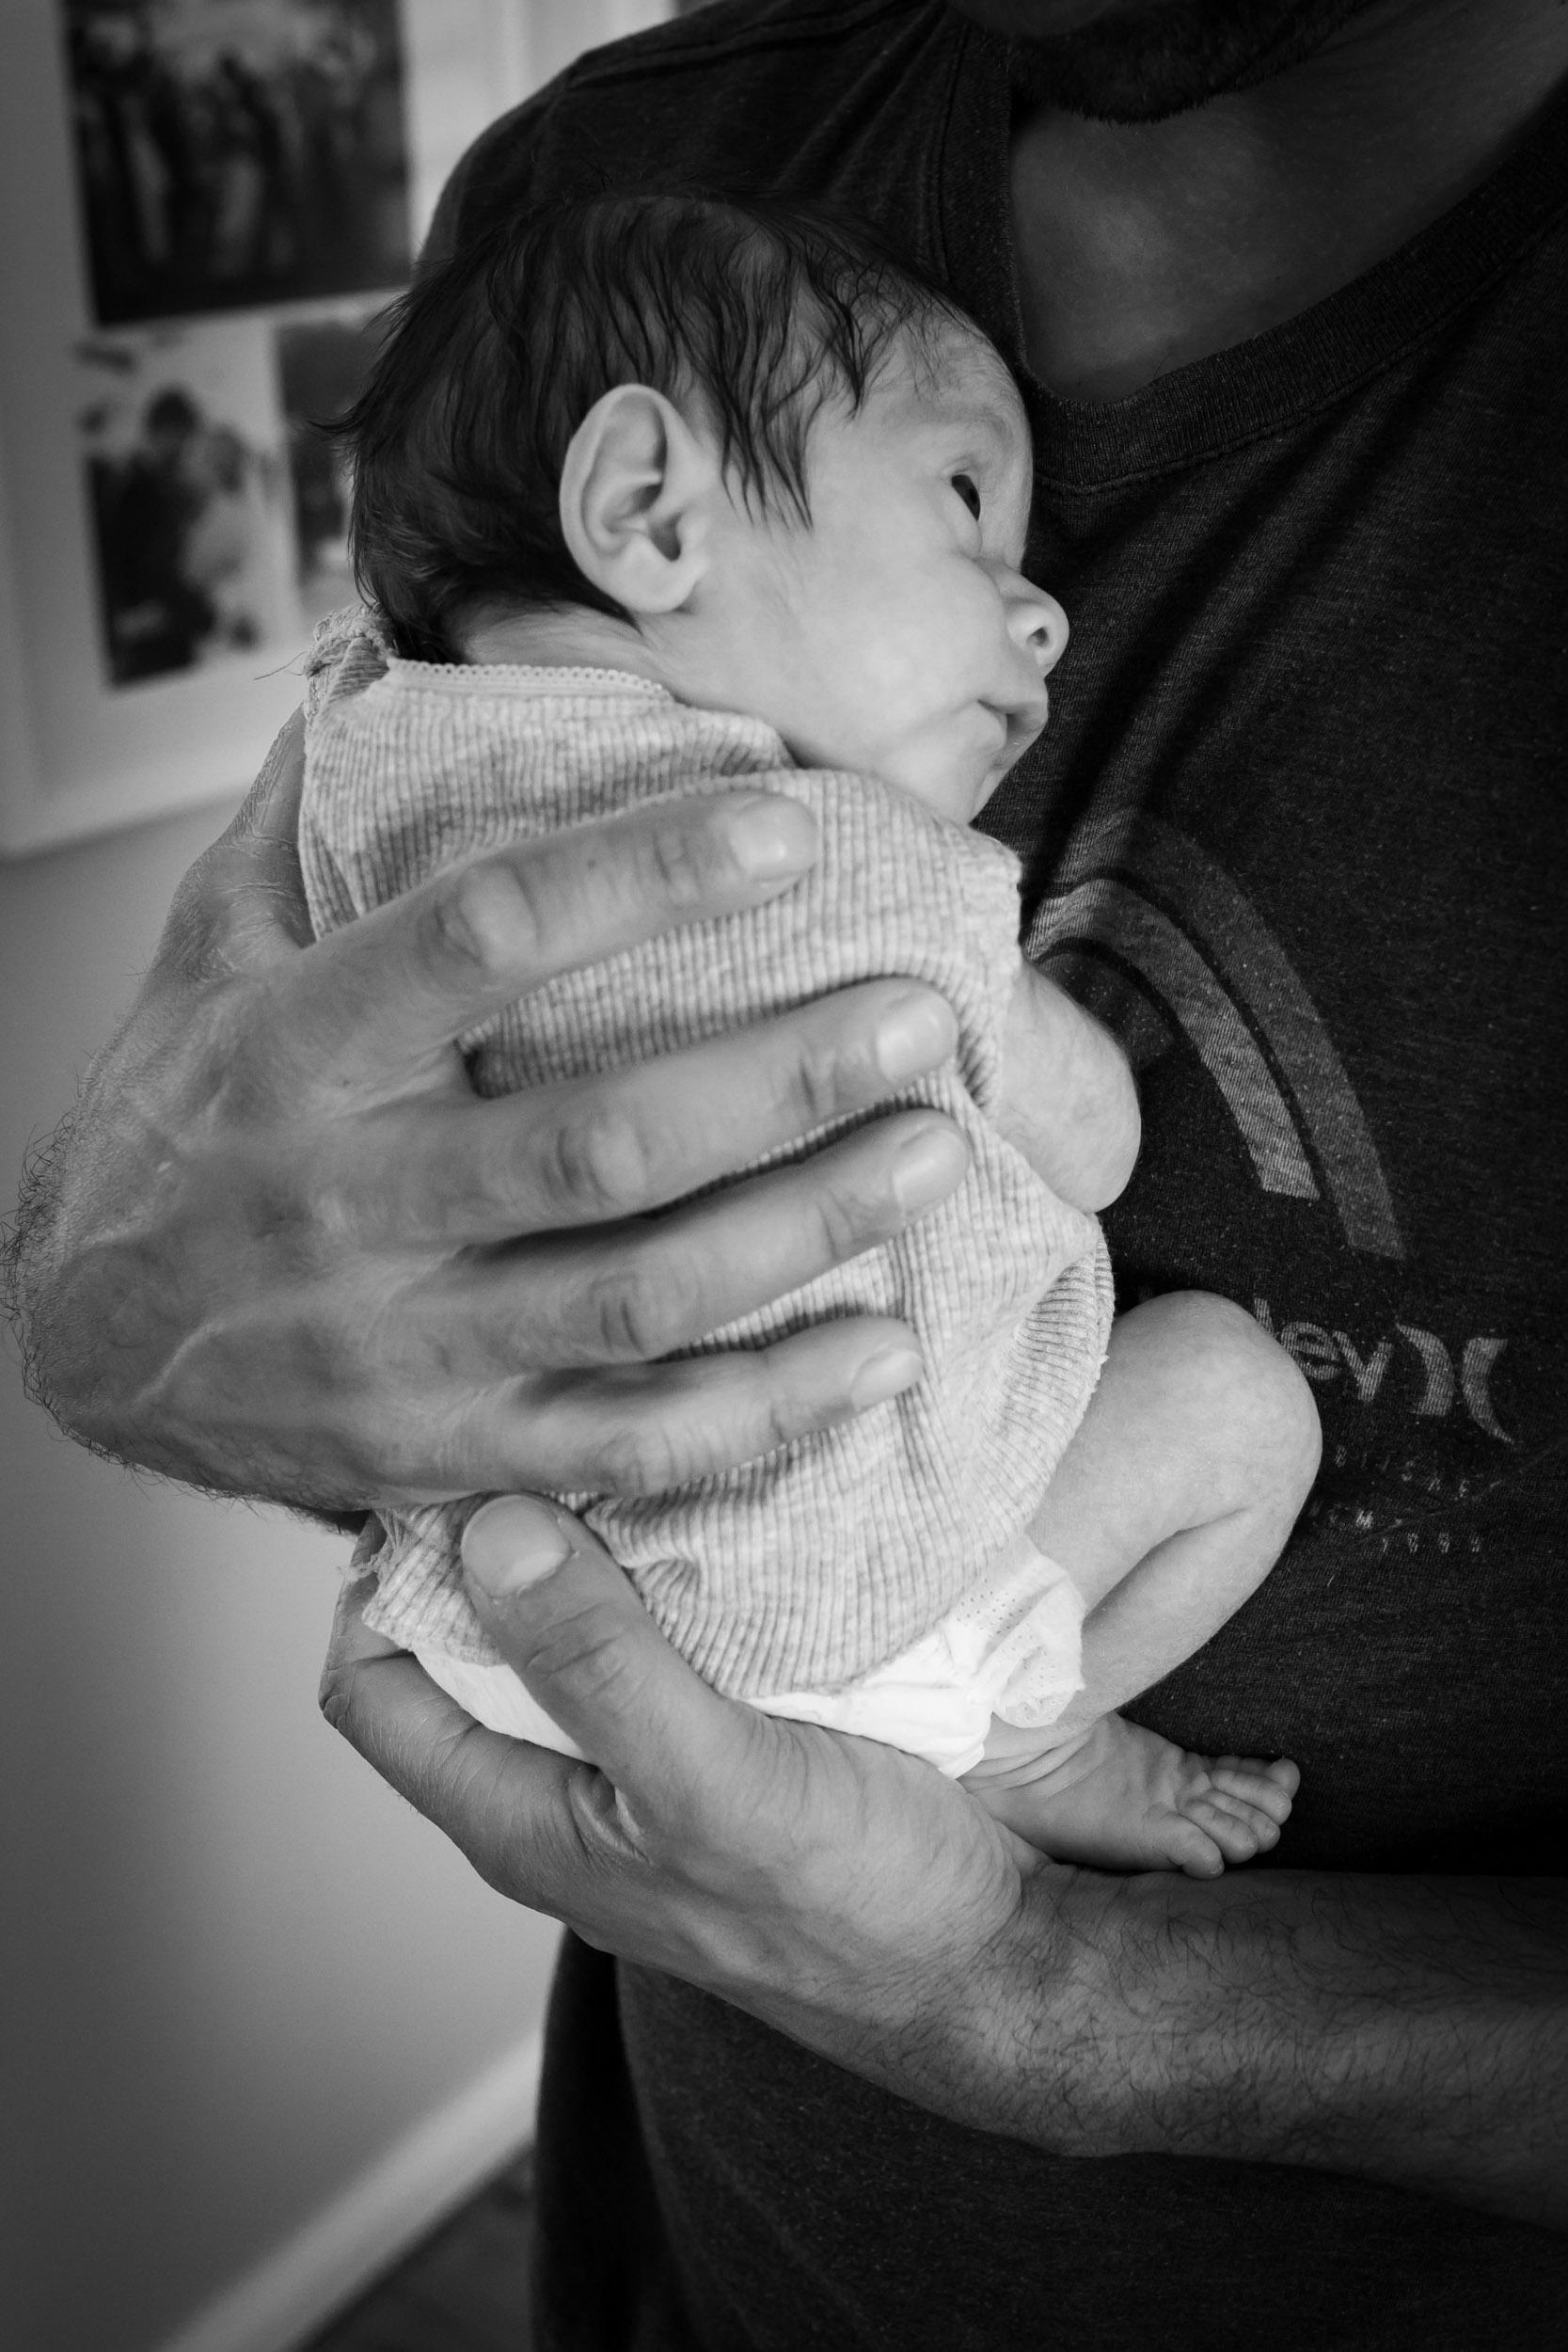 newborn baby cuddles with dad